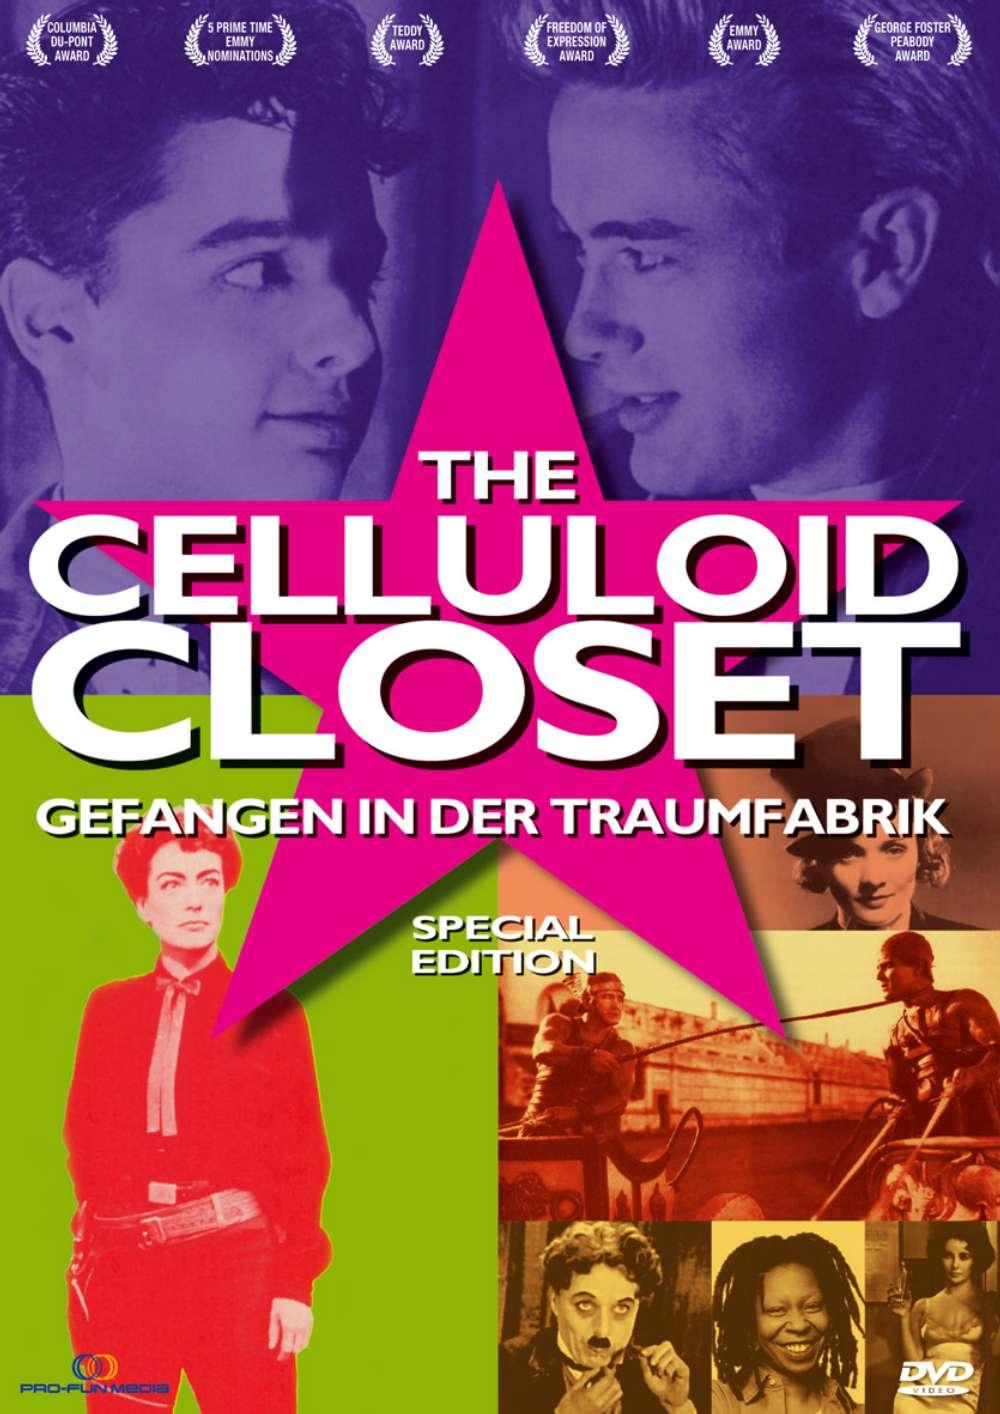 The Celluloid Closet Gefangen In Der Traumfabrik Film